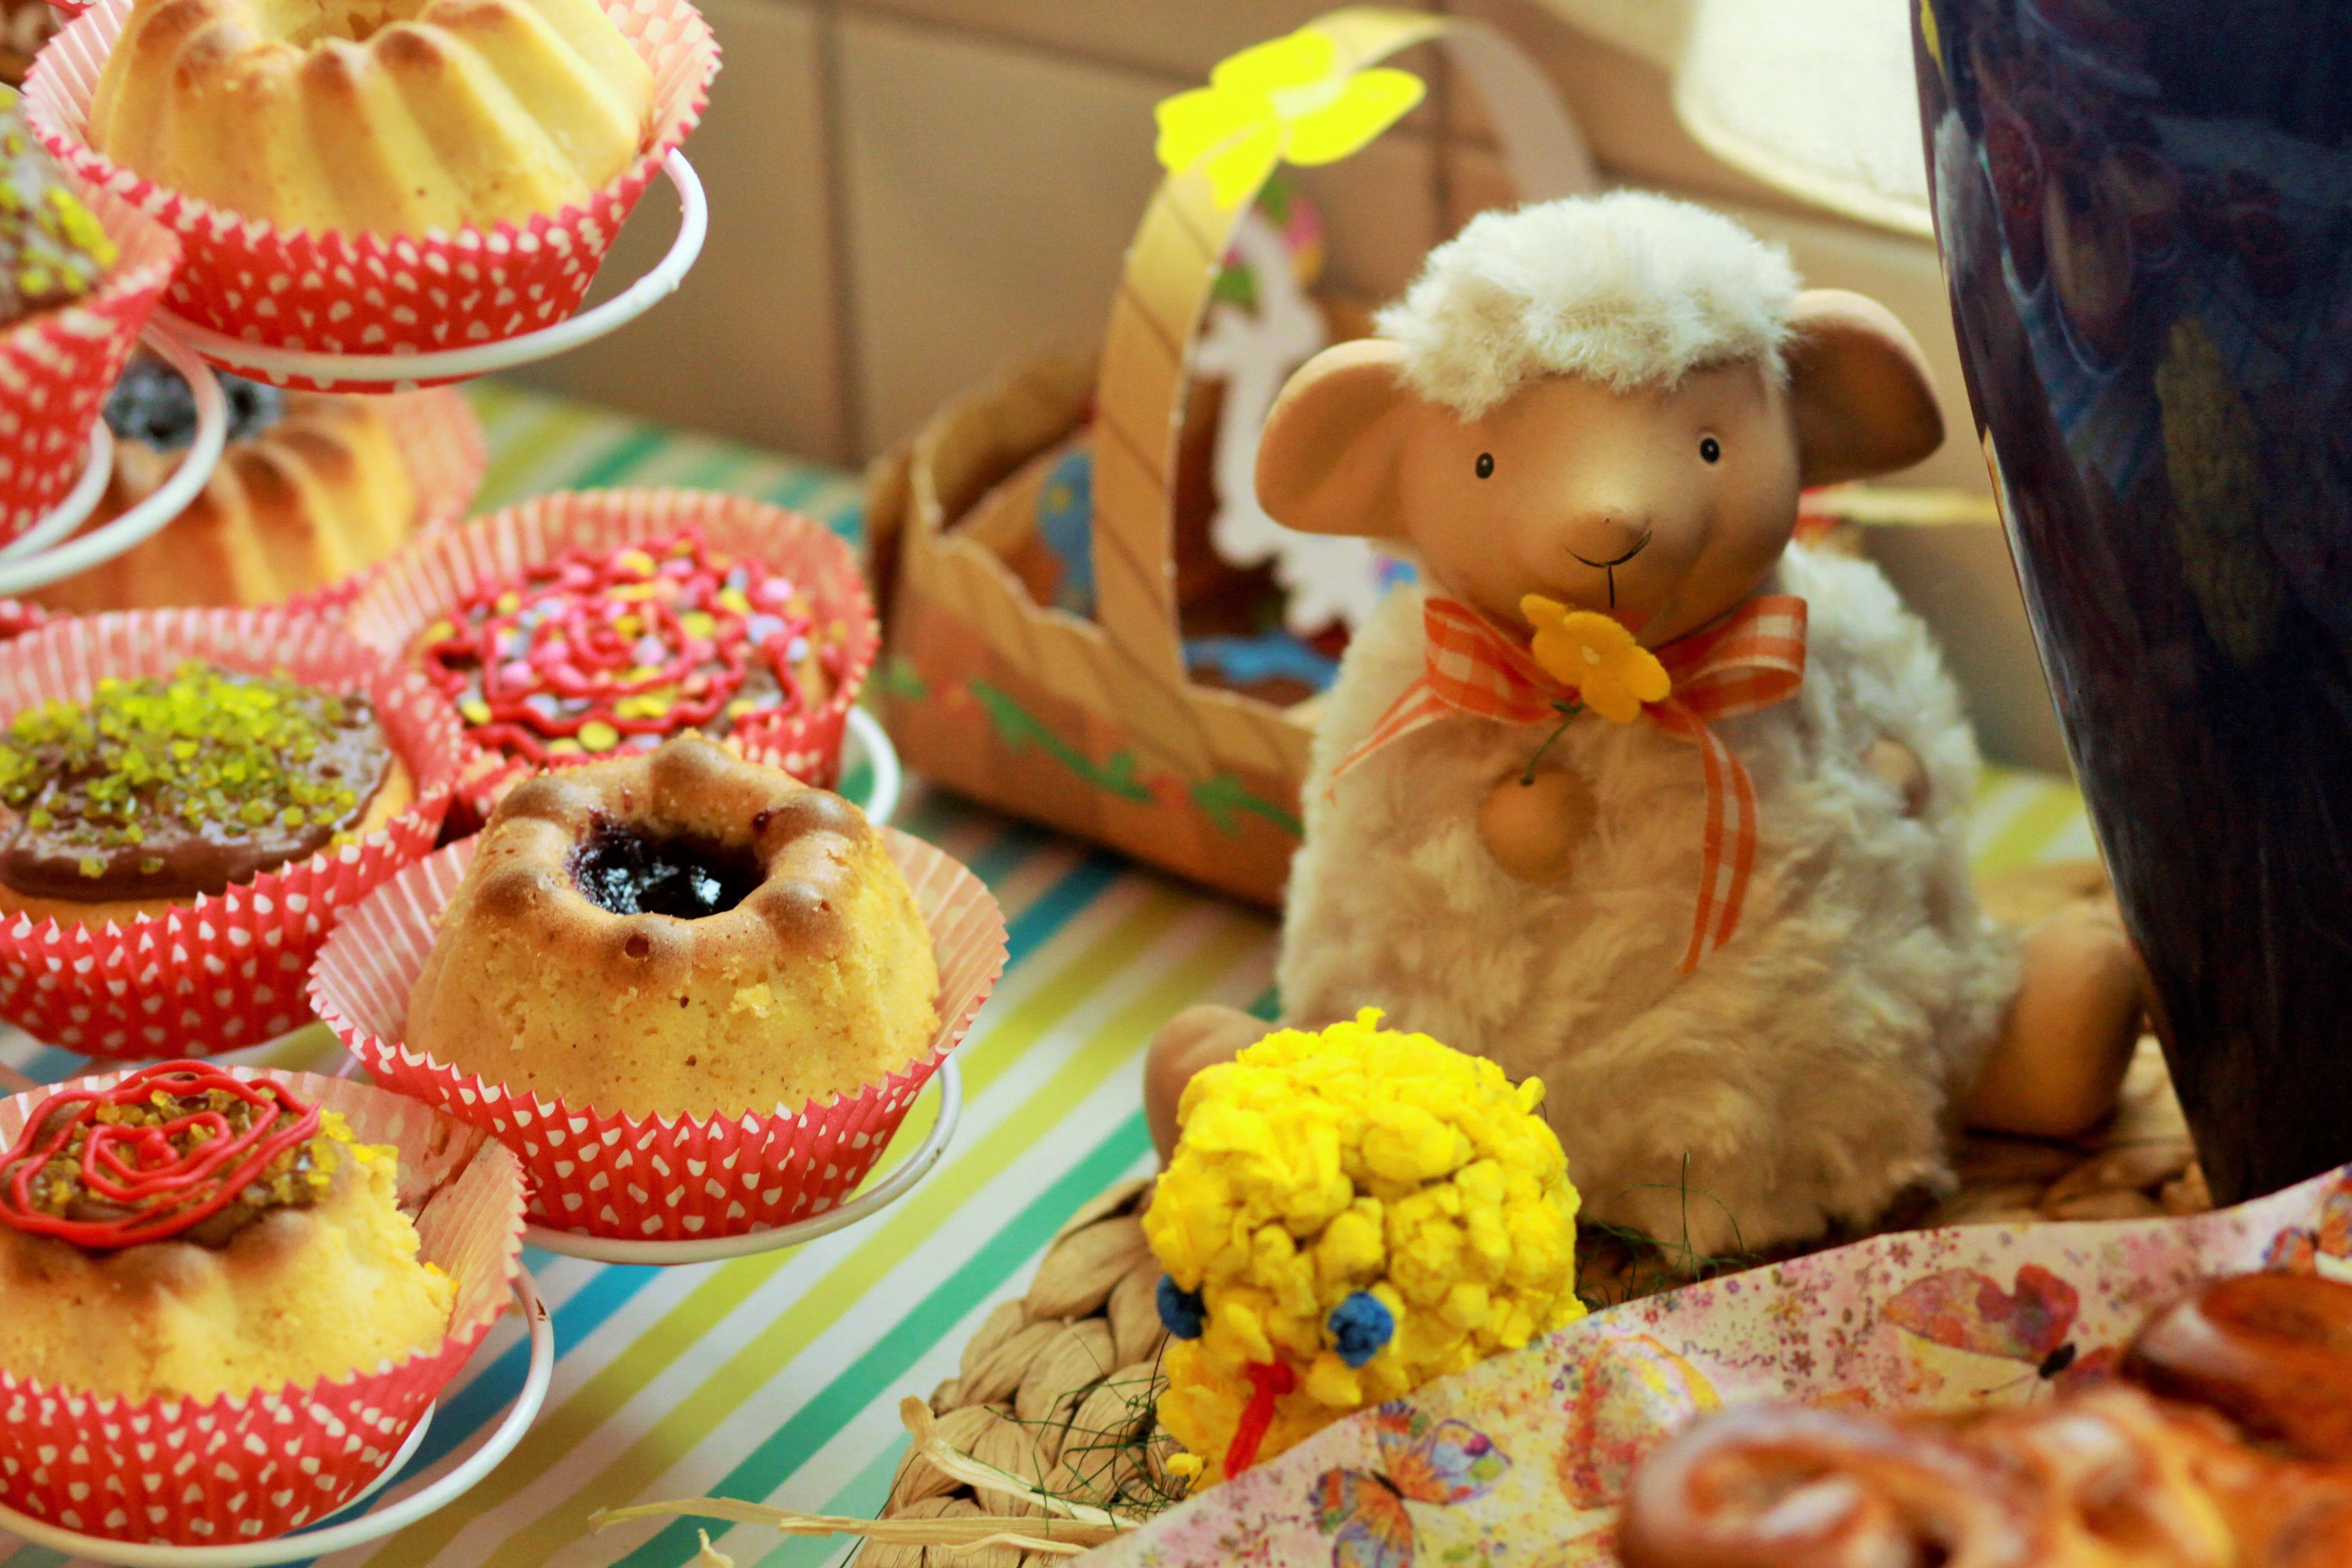 96936 descargar fondo de pantalla Vacaciones, Pastel, Día Festivo, Cordero, Productos De Panadería, Hornada, Pascua: protectores de pantalla e imágenes gratis